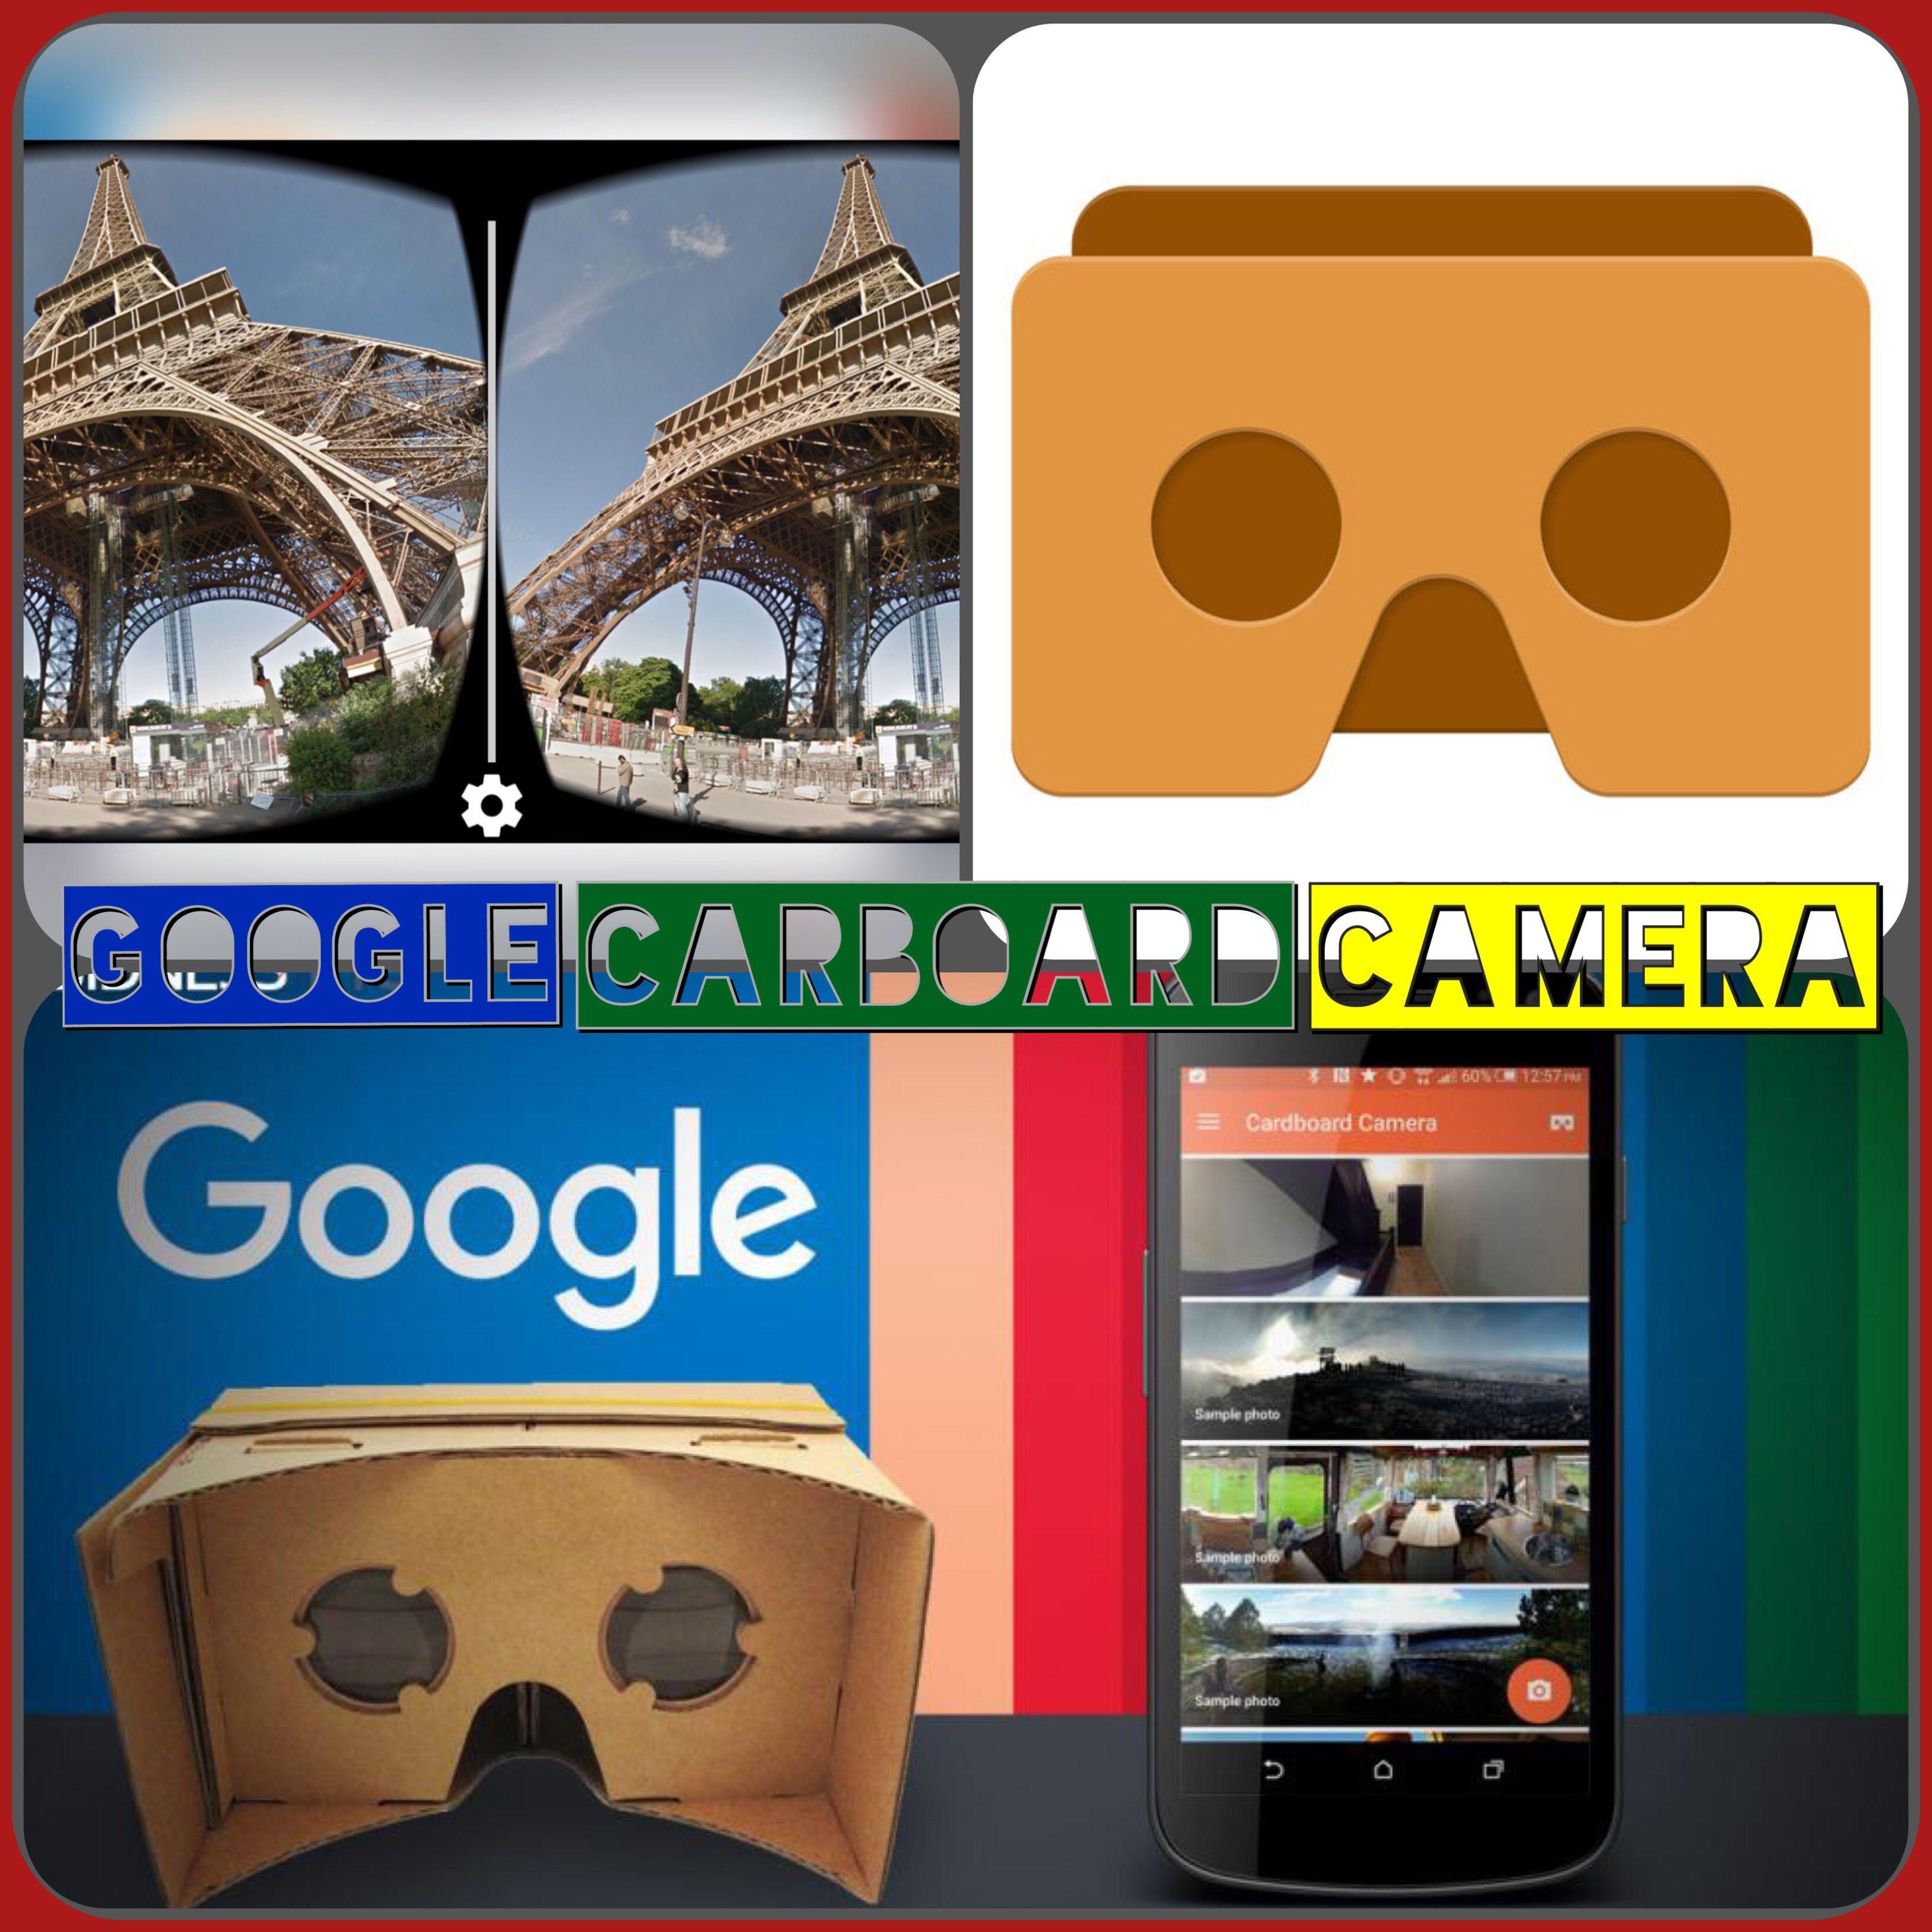 Google cardboard camera maakt het mogelijk om zelf 360-graden foto's te maken op je telefoon. Hou de telefoon vast terwijl je in een cirkel rondraait. De app doet de rest door de fotos aan elkaar te plakken. Geluid kan ook opgenomen worden. De app werkt ook met Google Street VR waar je de 3D locaties aan kunt koppelen. Appstore: Google Cardboard' van Google, Inc. https://appsto.re/nl/vUX46.i Playstore: https://play.google.com/store/apps/details?id=com.google.vr.cyclops&hl=nl